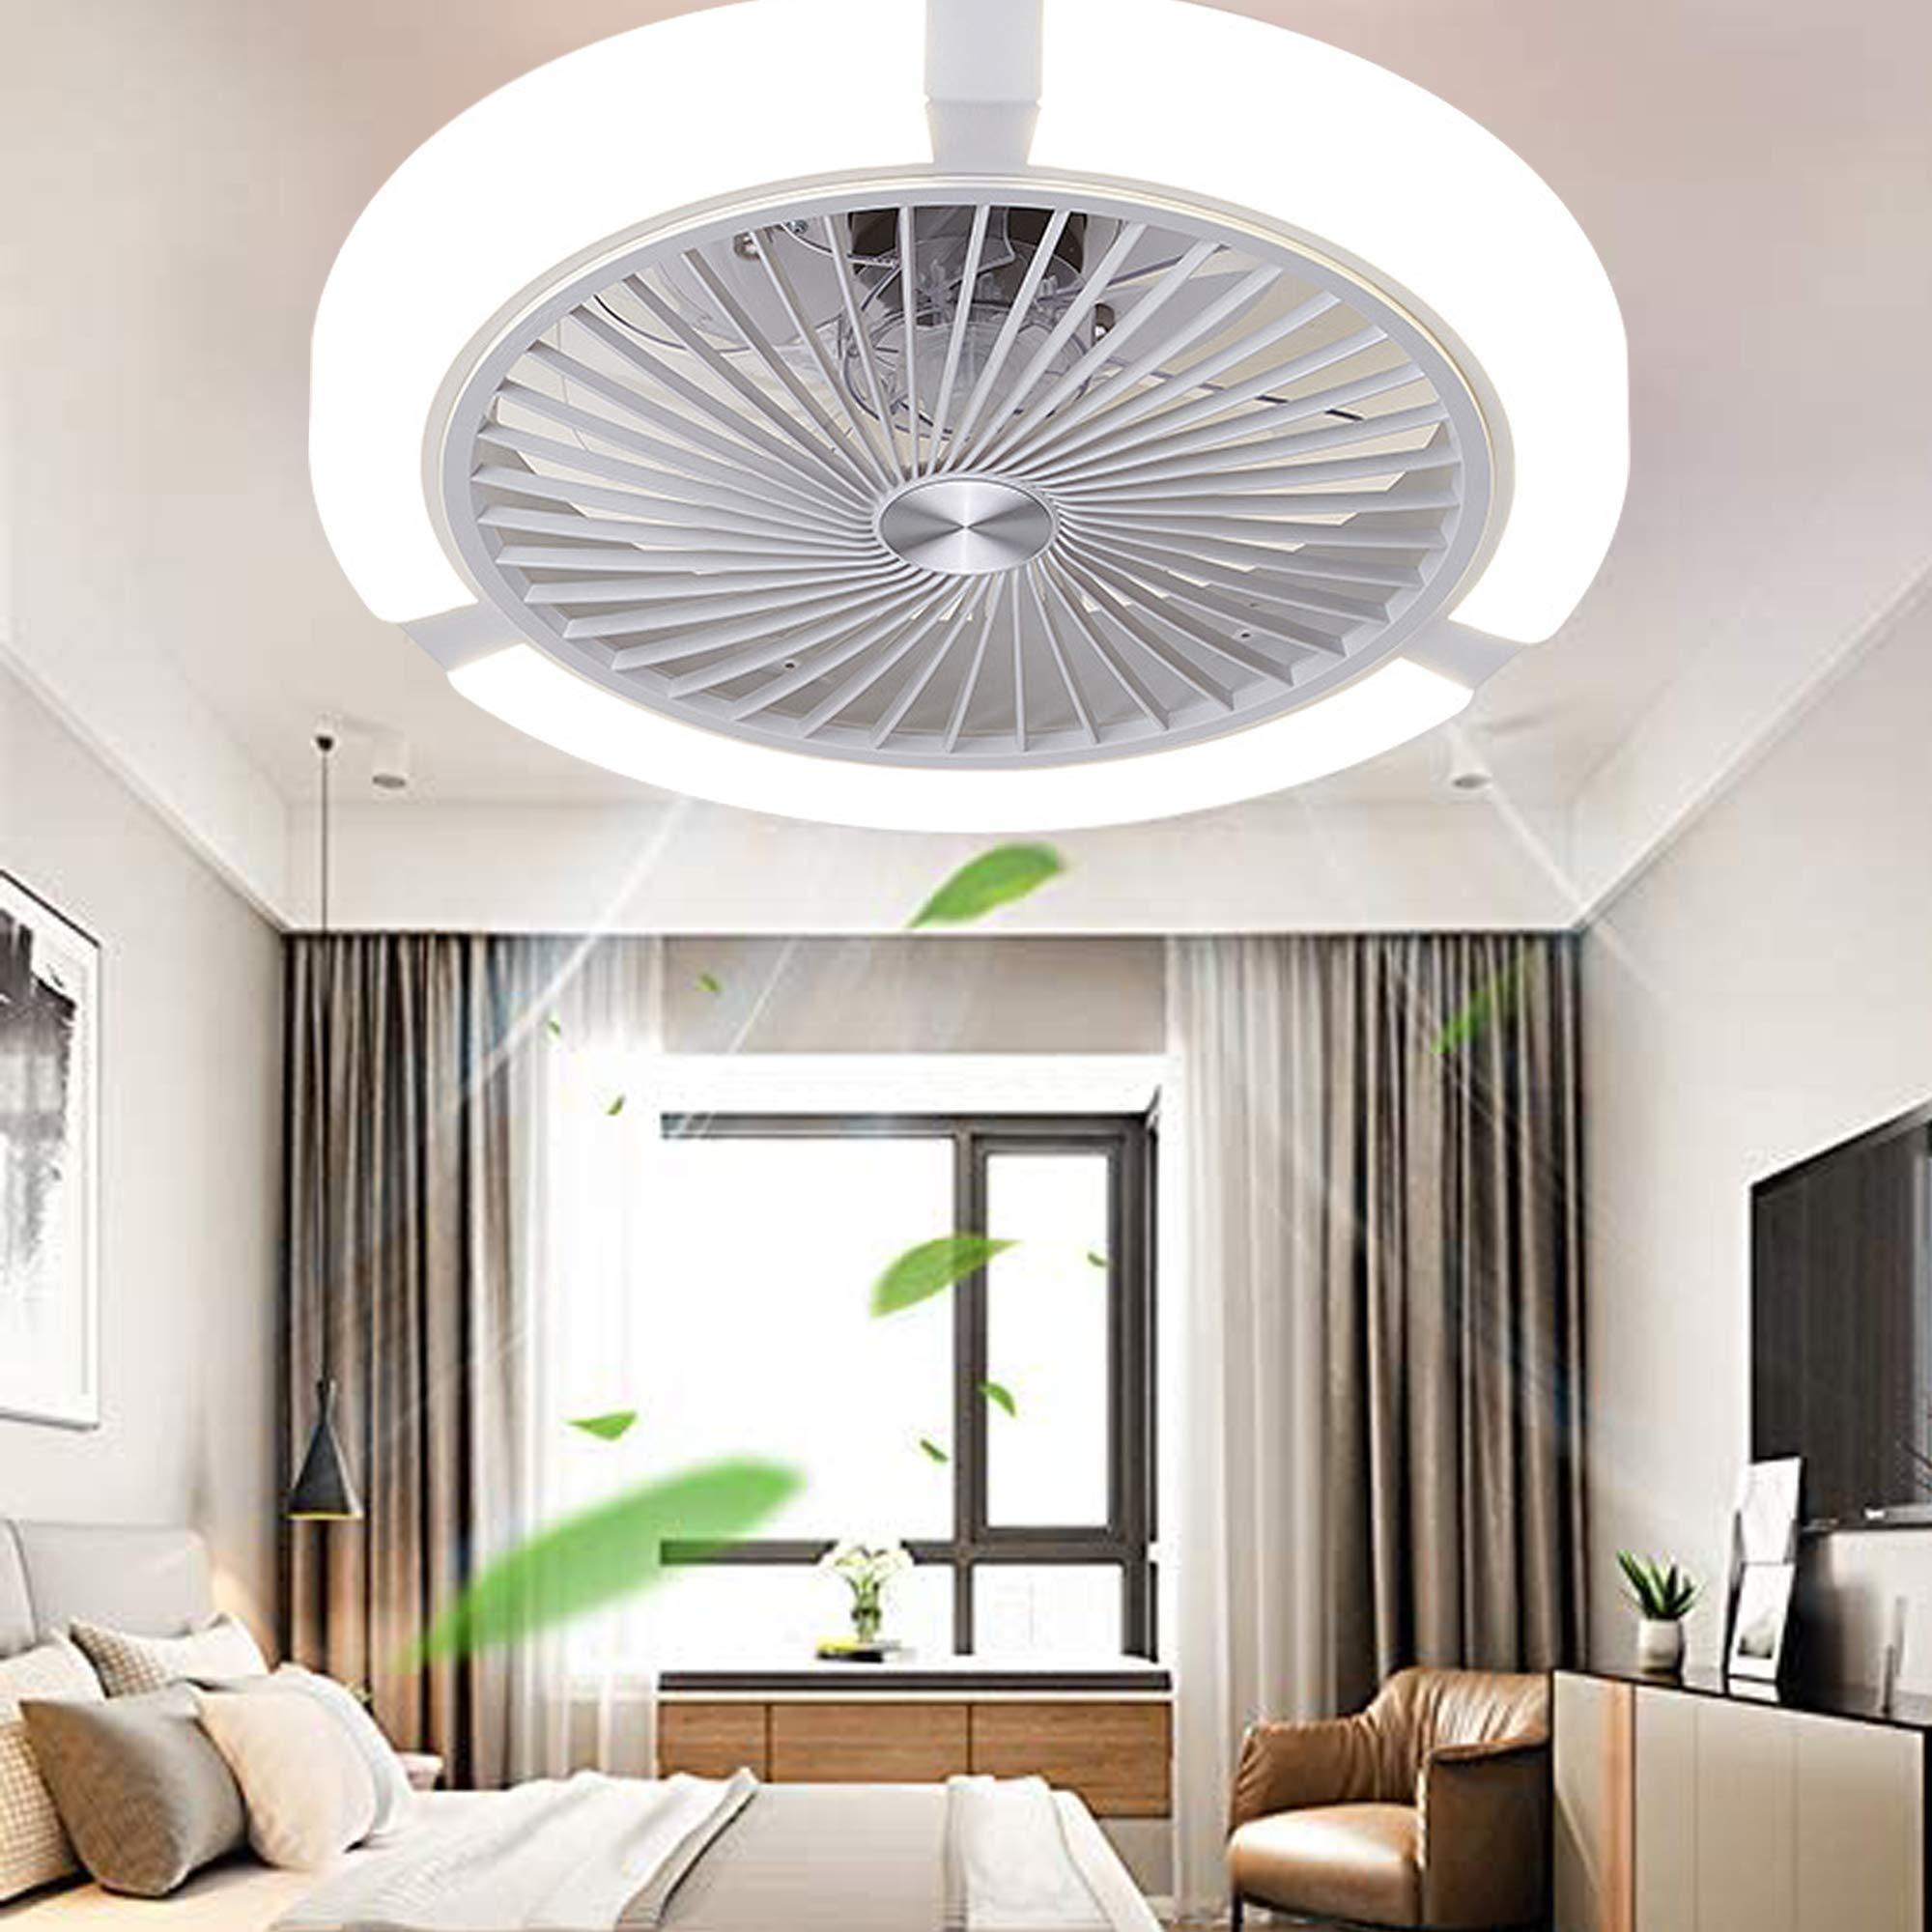 LED Unsichtbarer Deckenventilator Fan Deckenleuchte Moderne Fan Deckenlampe  8W Dimmbar Mit Fernbedienung Für Wohnzimmer Lampe Schlafzimmer